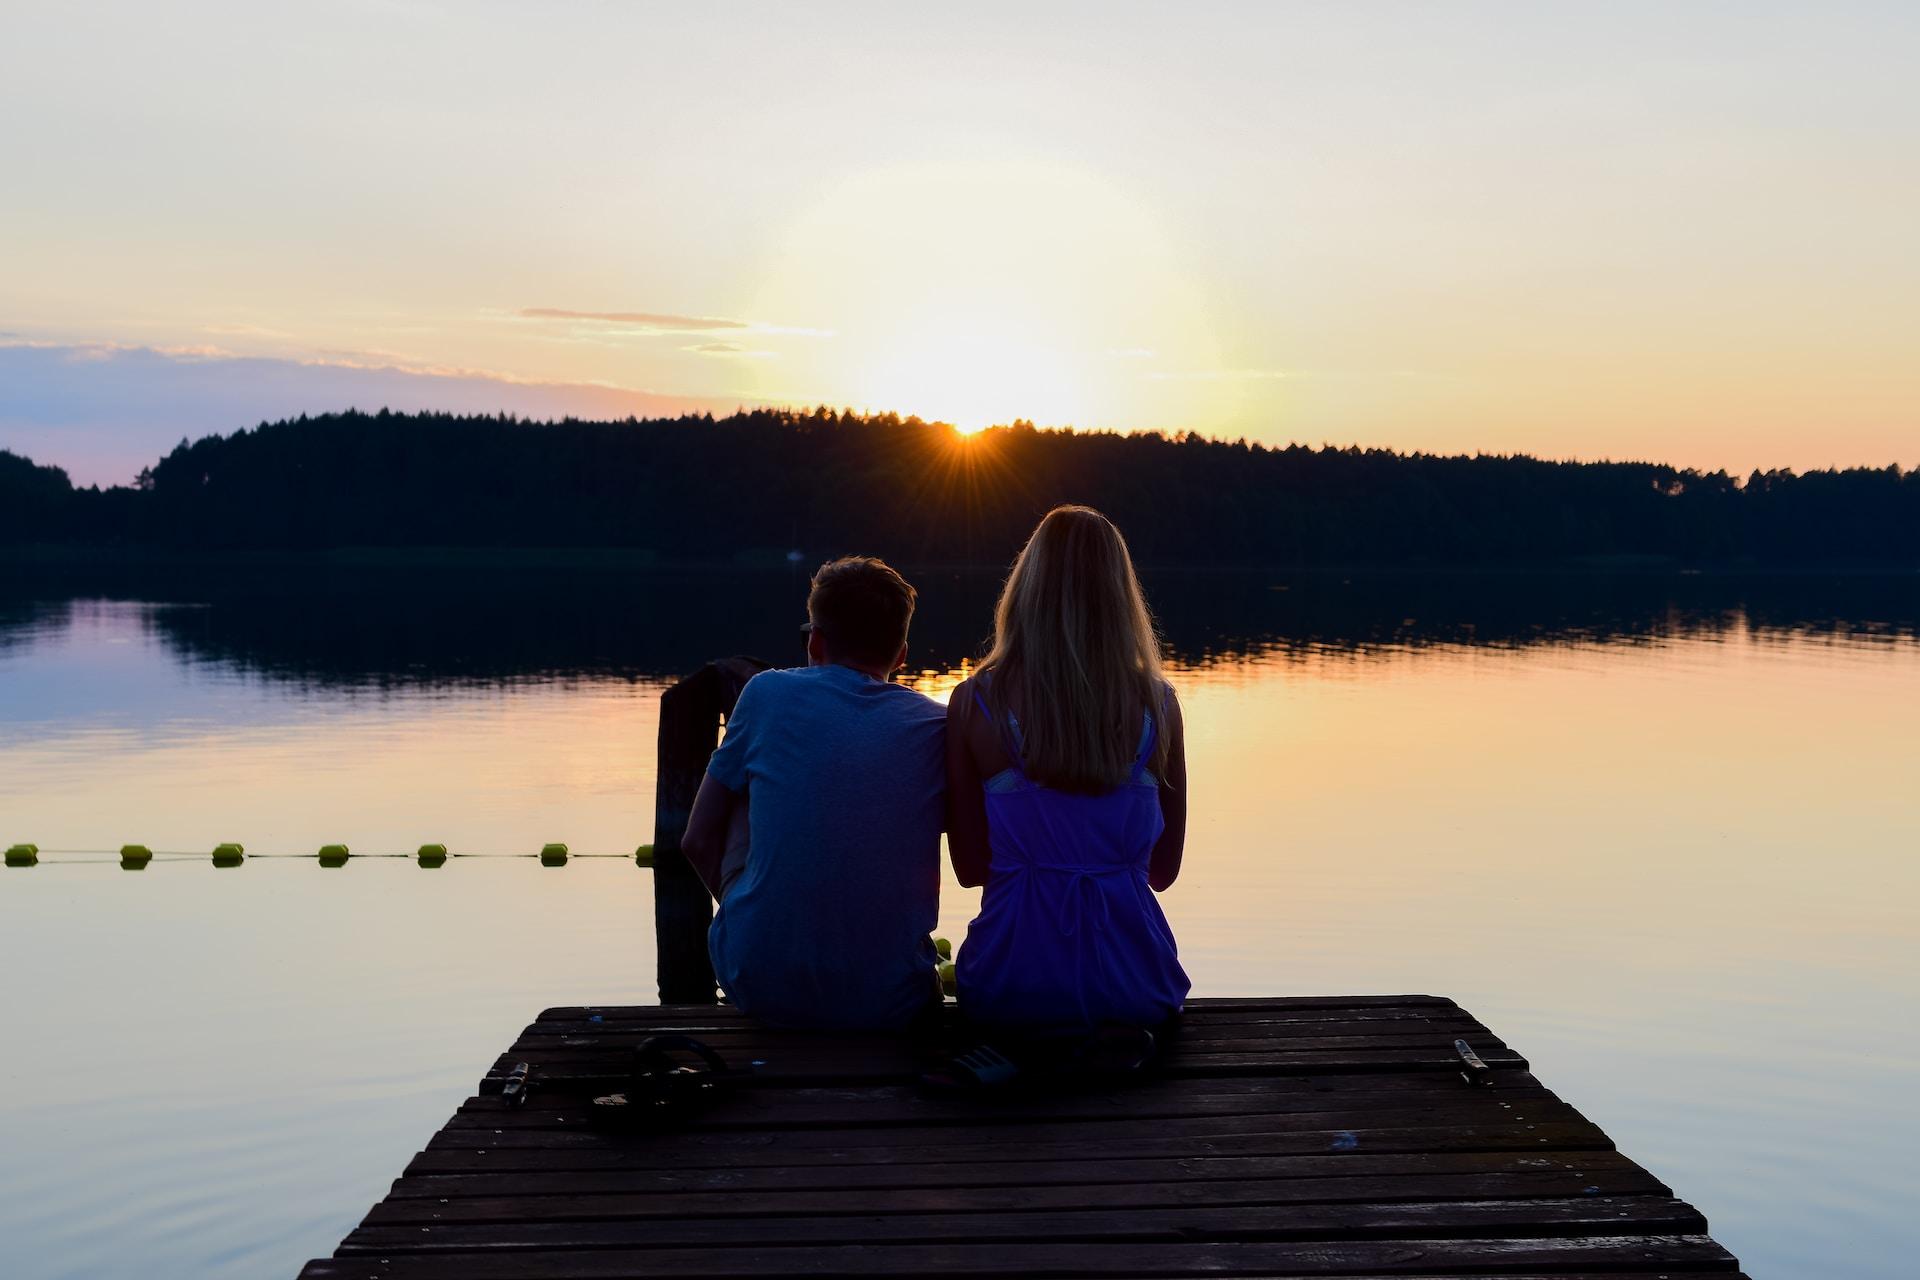 2 women sitting on dock during daytime